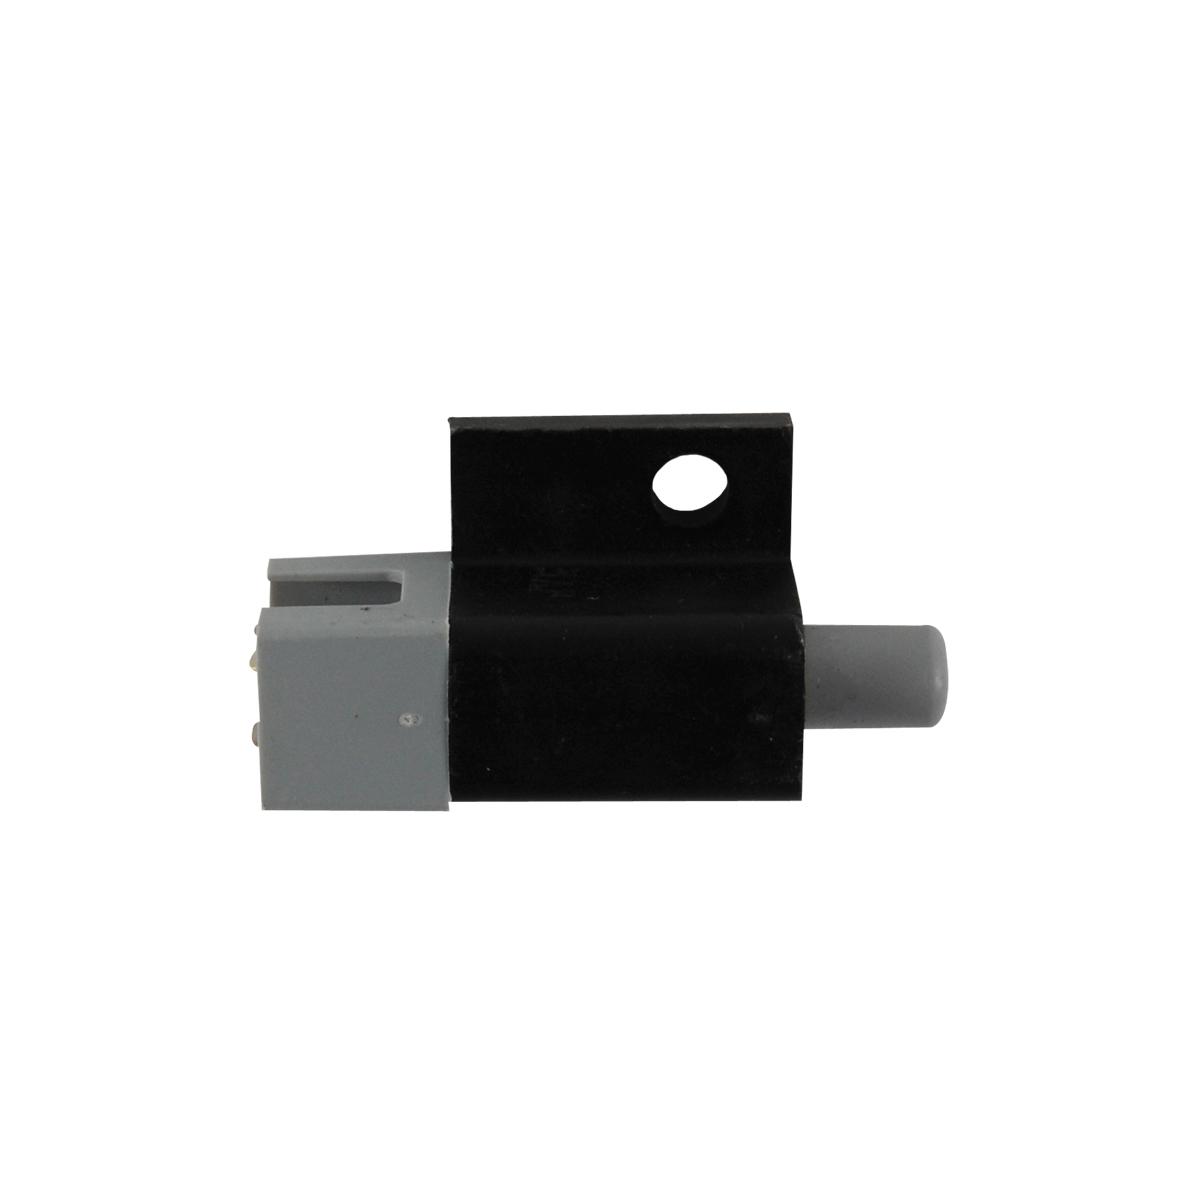 Cub Cadet Interlock Switch 725 04363 Power Mower Sales Ltx1050vt Schematic Quick View